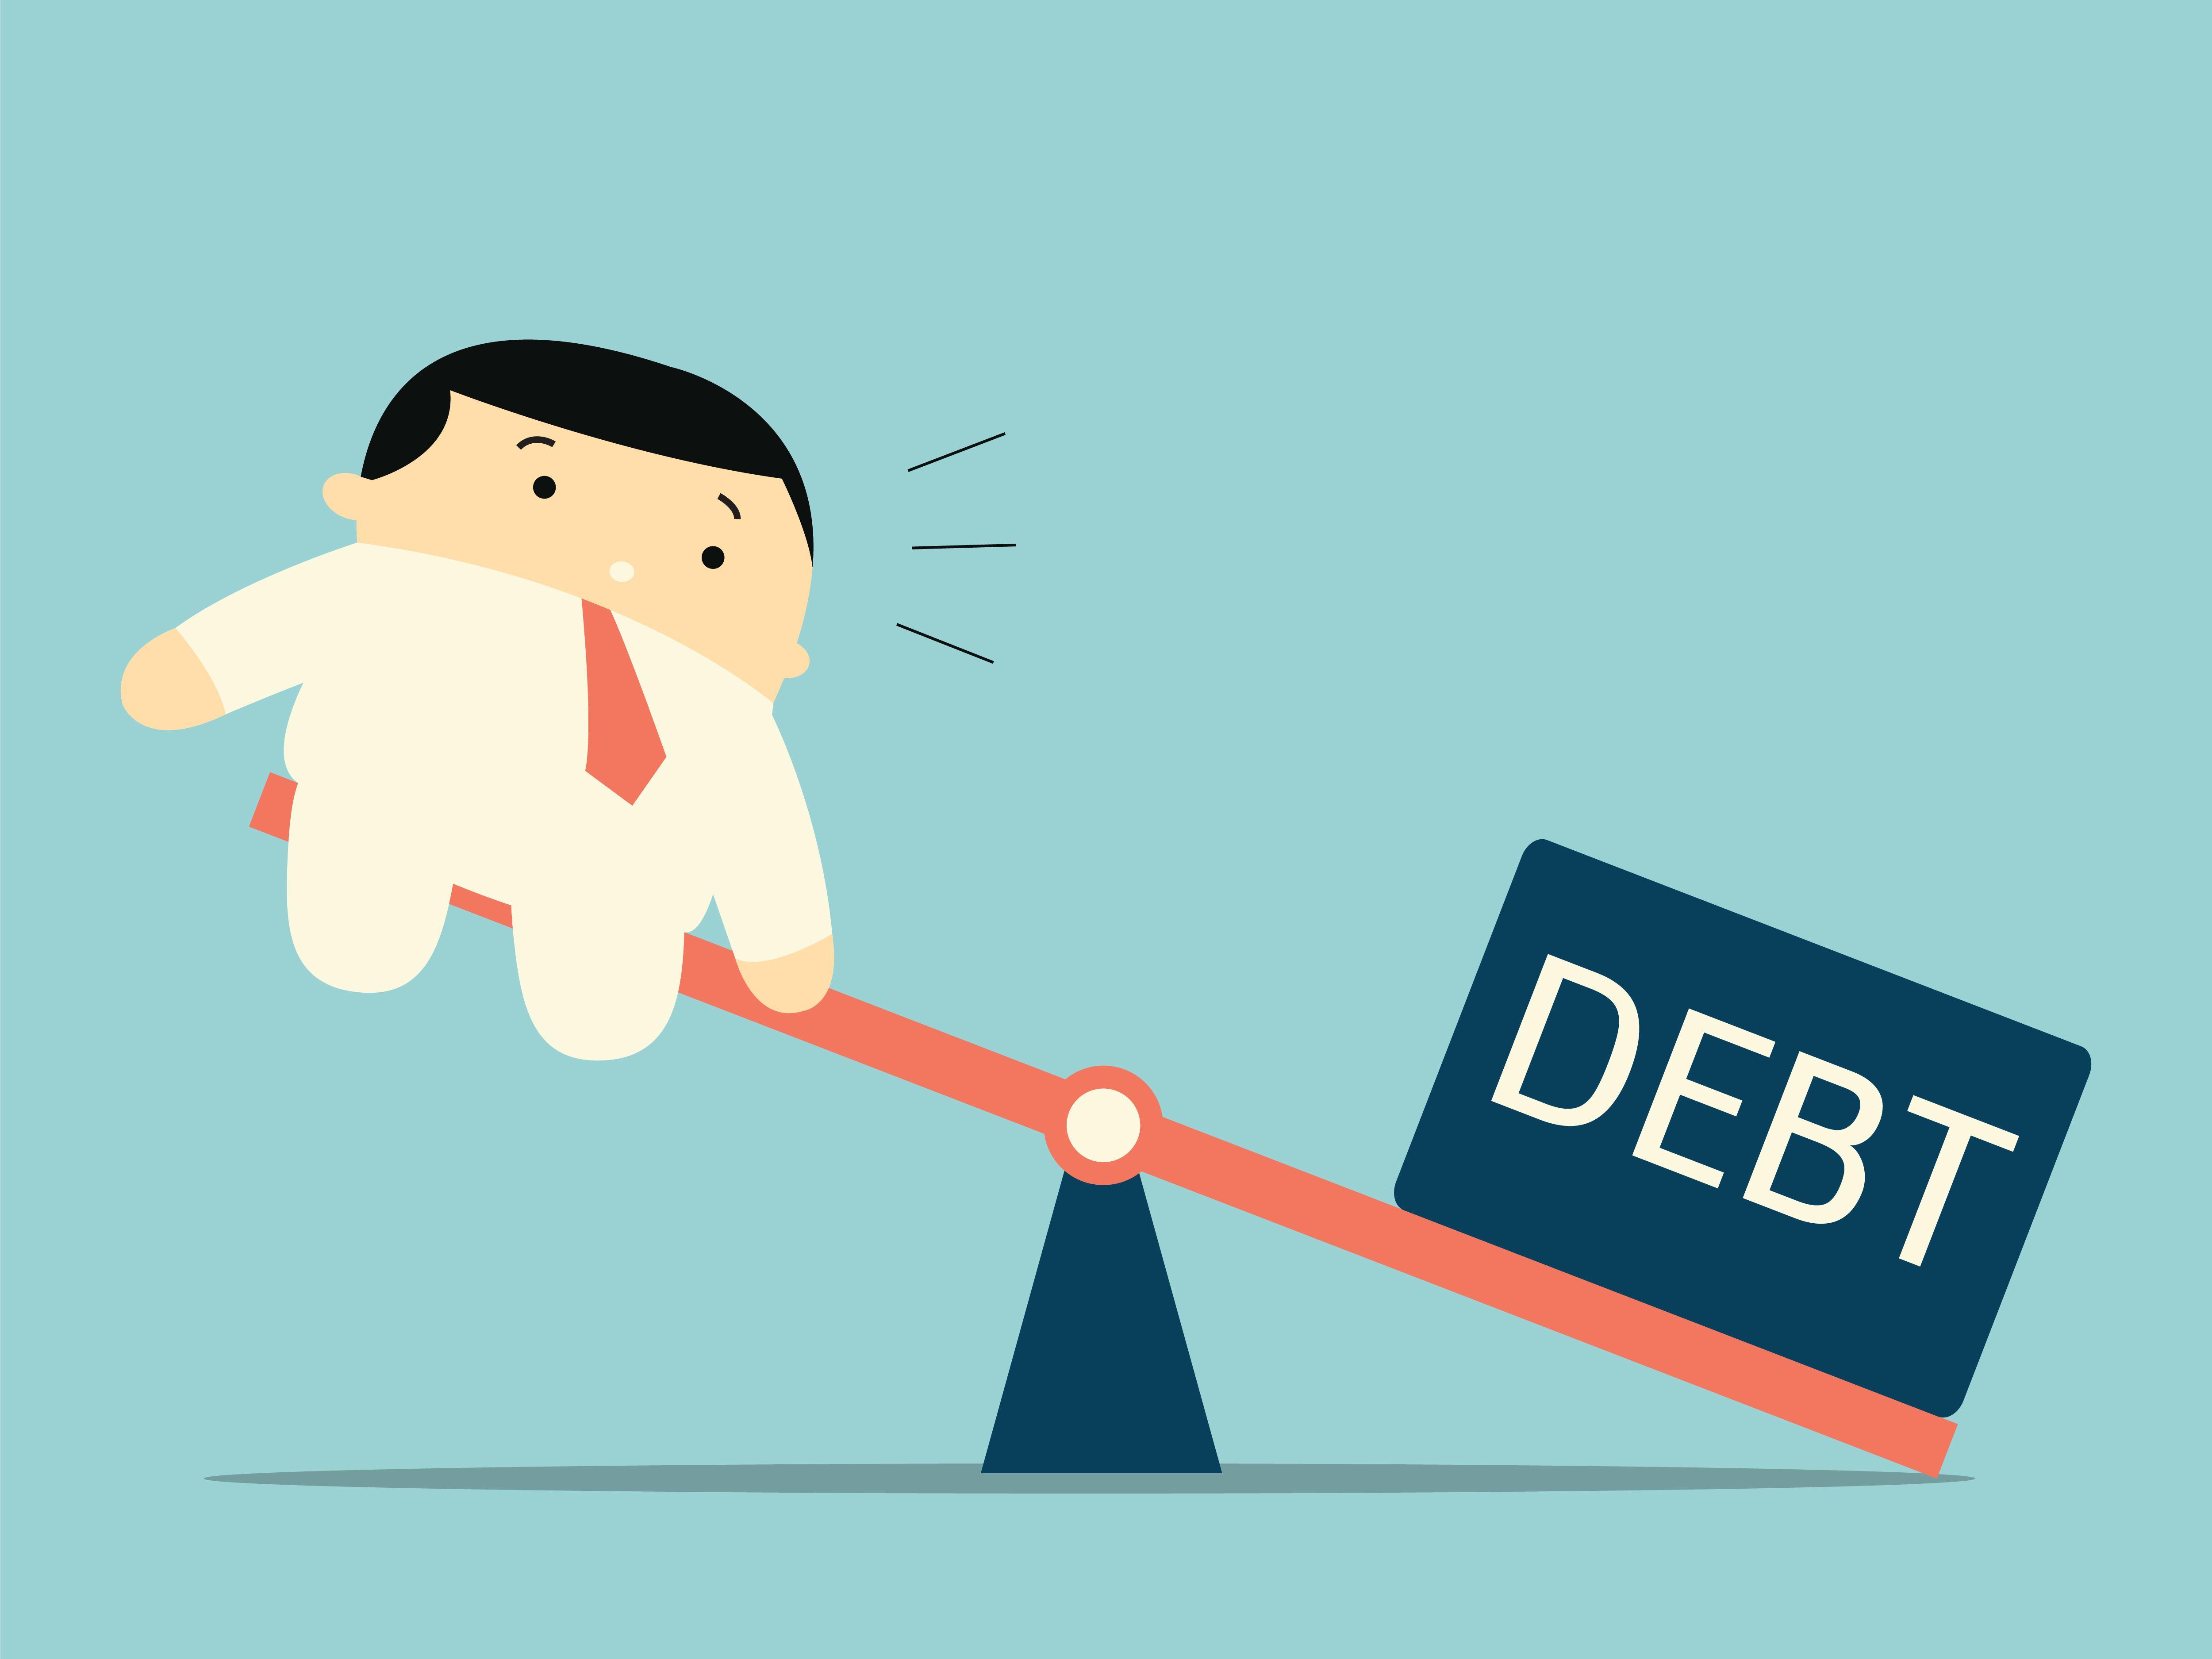 Bills clipart debt. Mcdermott financial solutions negative